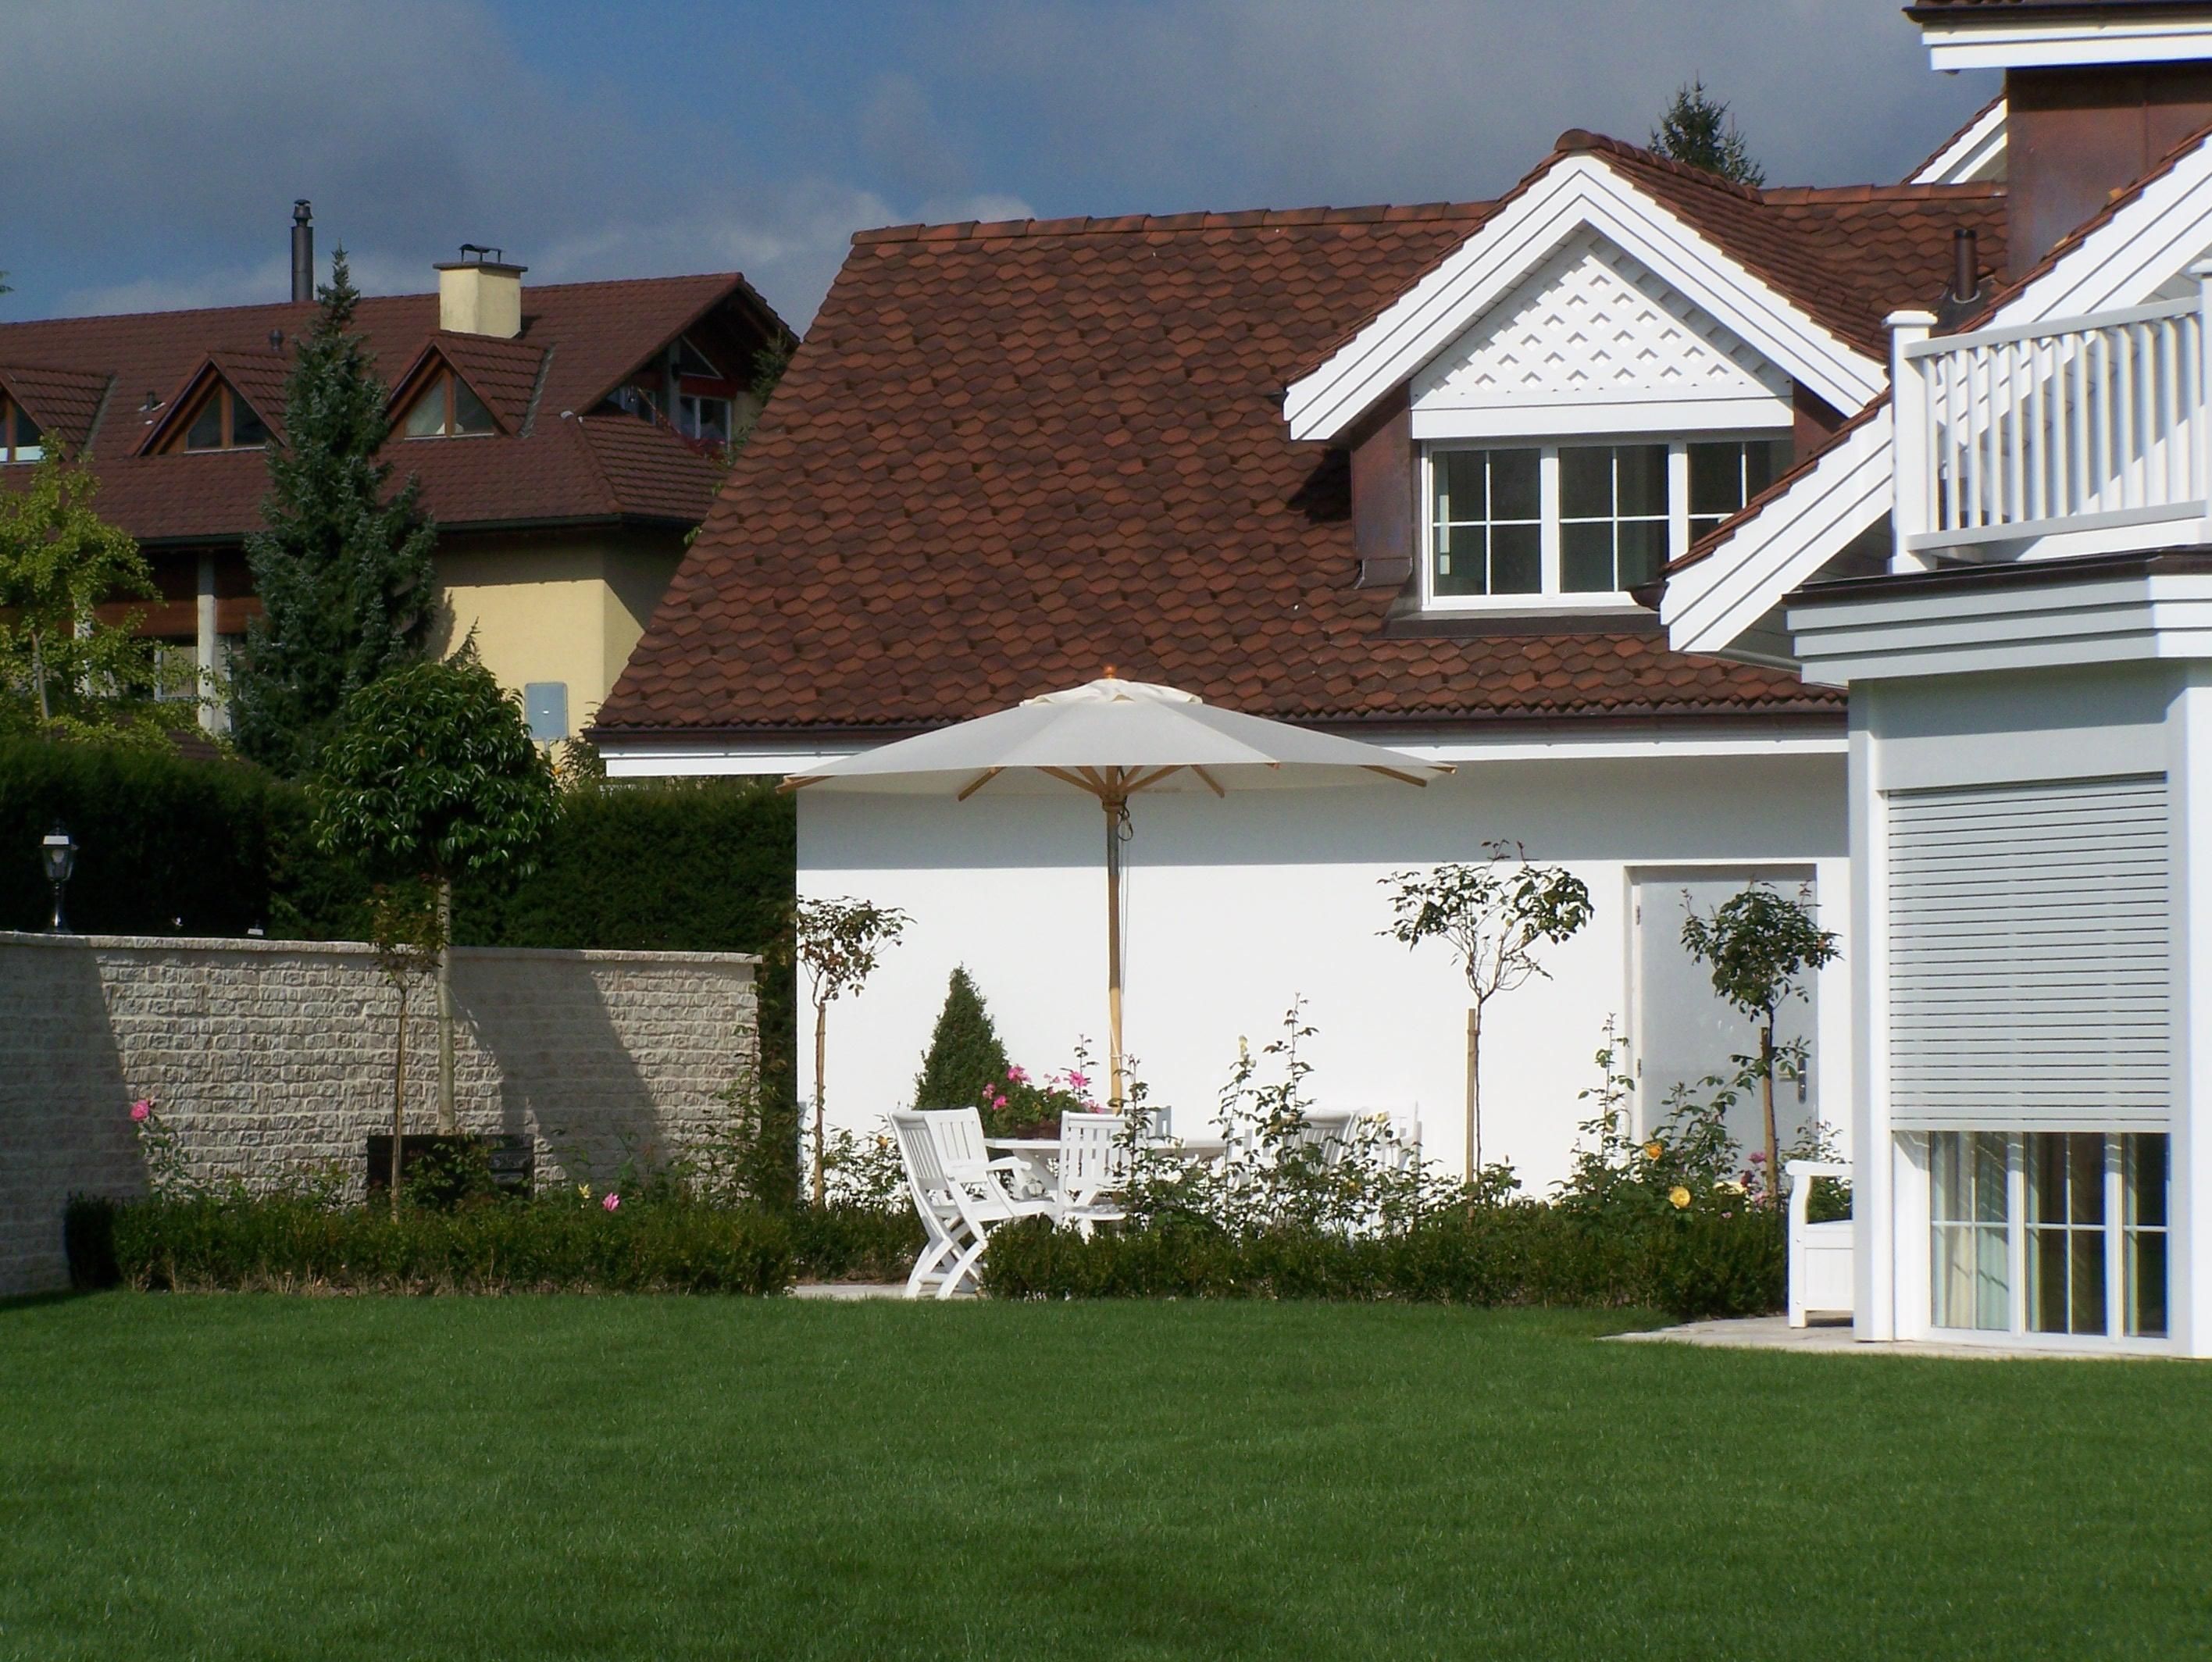 Vision Garten GmbH, Gartenarchitektur U0026 Design   Perlen   Guidle